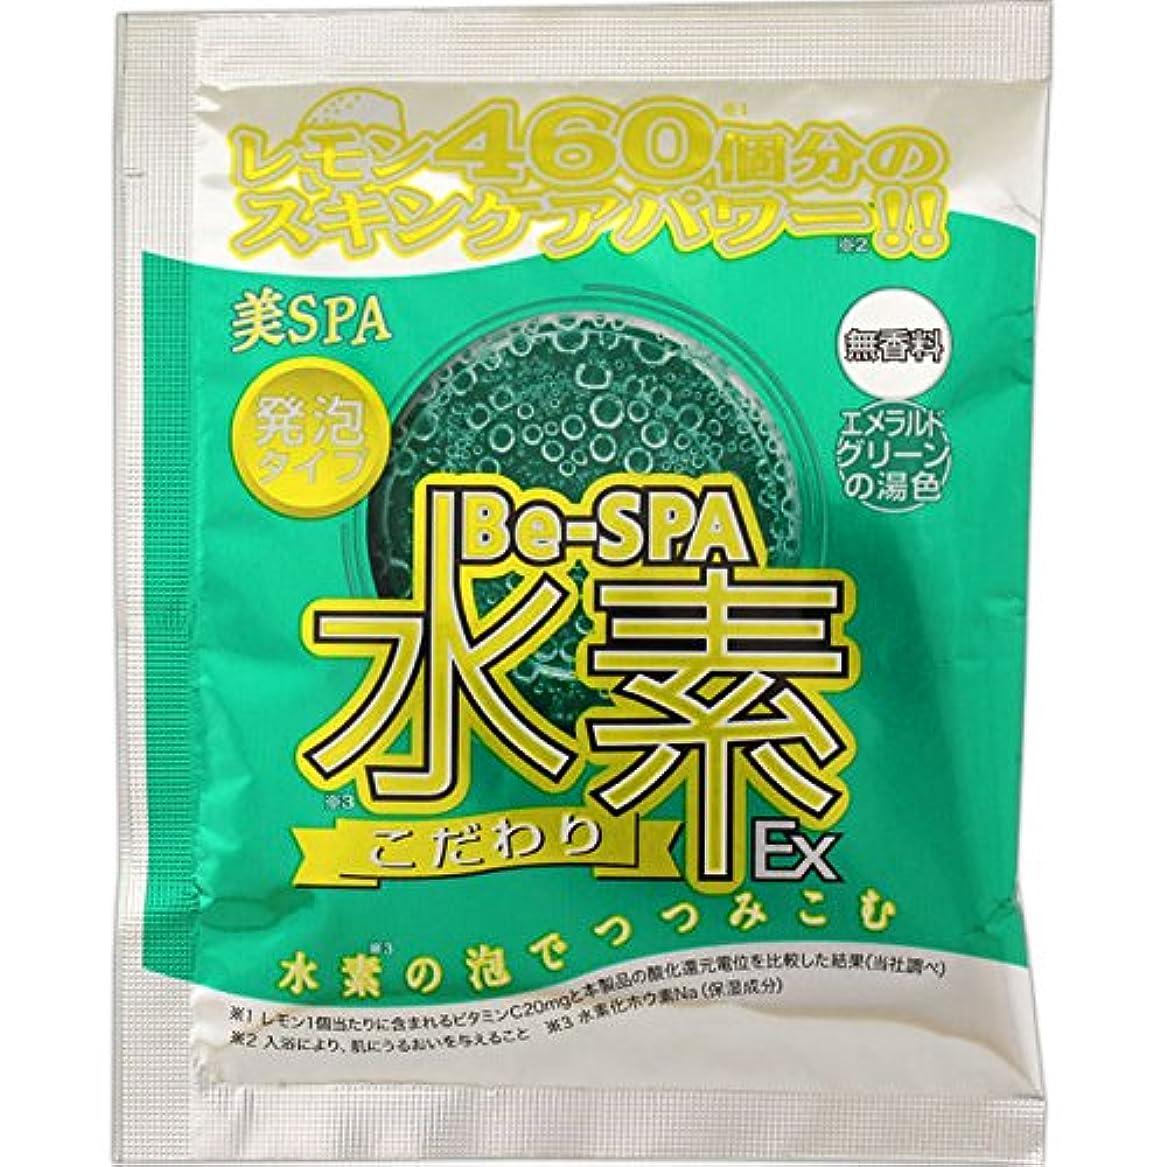 集める興奮する型日本生化学 美SPA水素EX エメラルドグリーンの湯色 25g